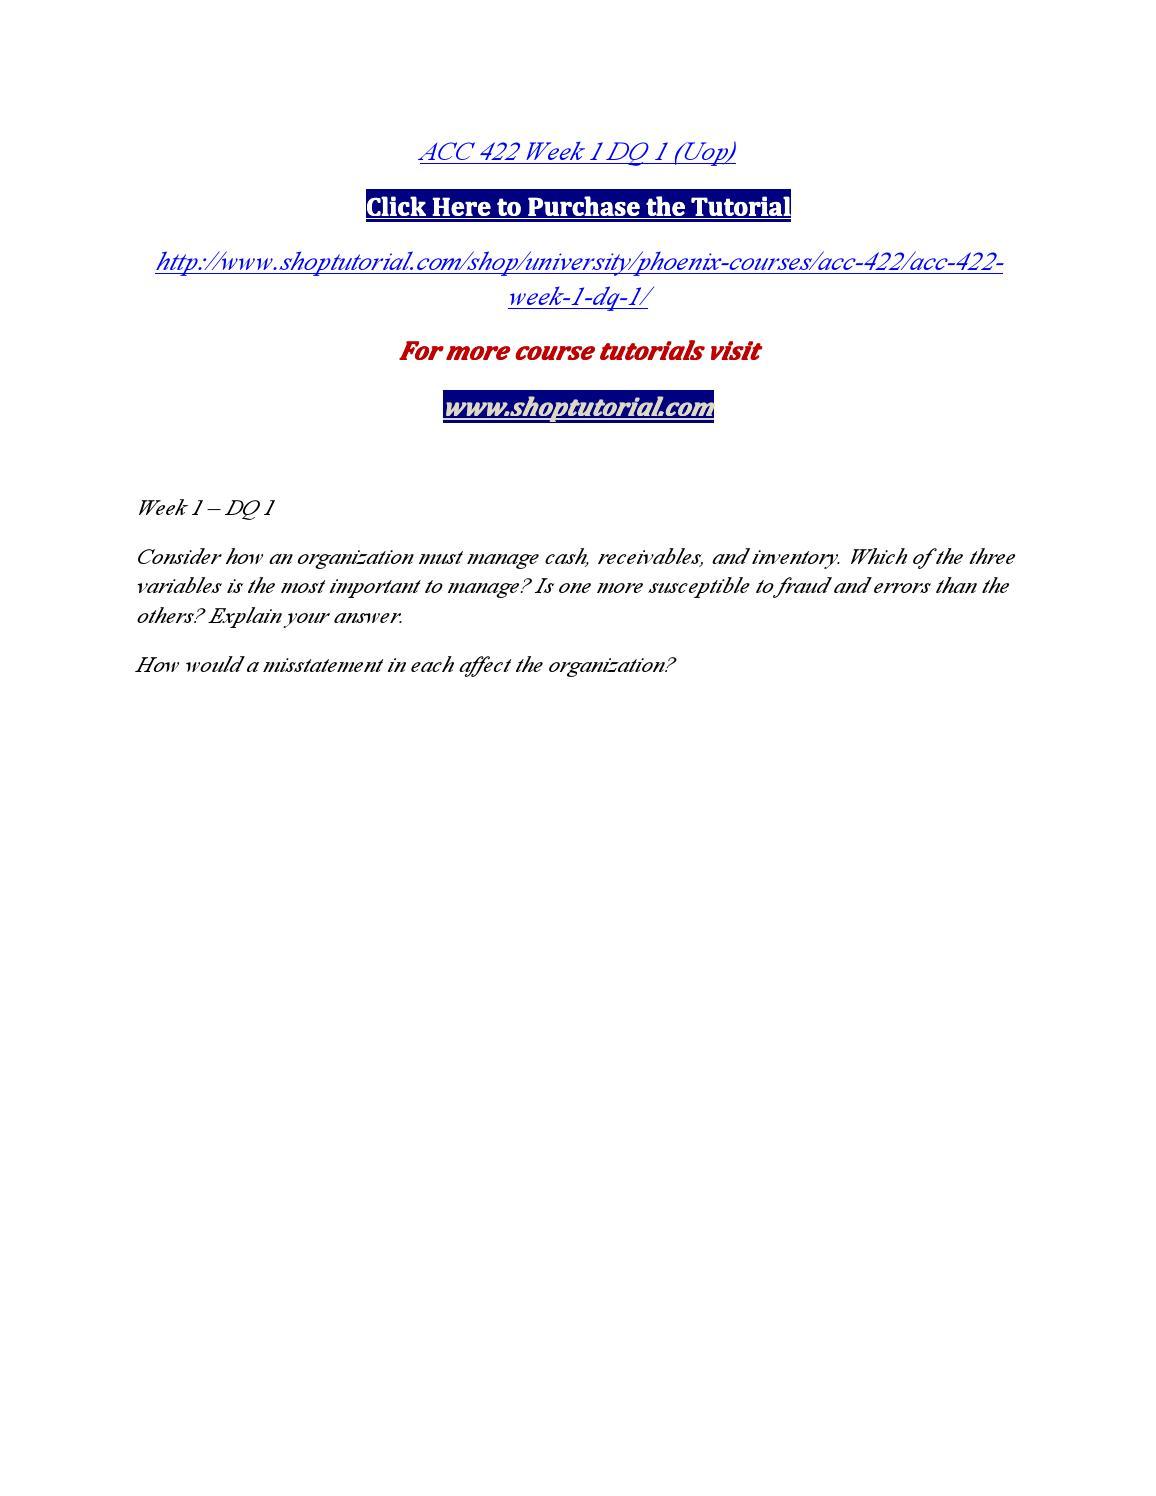 acc 422 week 1 disclosure analysis paper